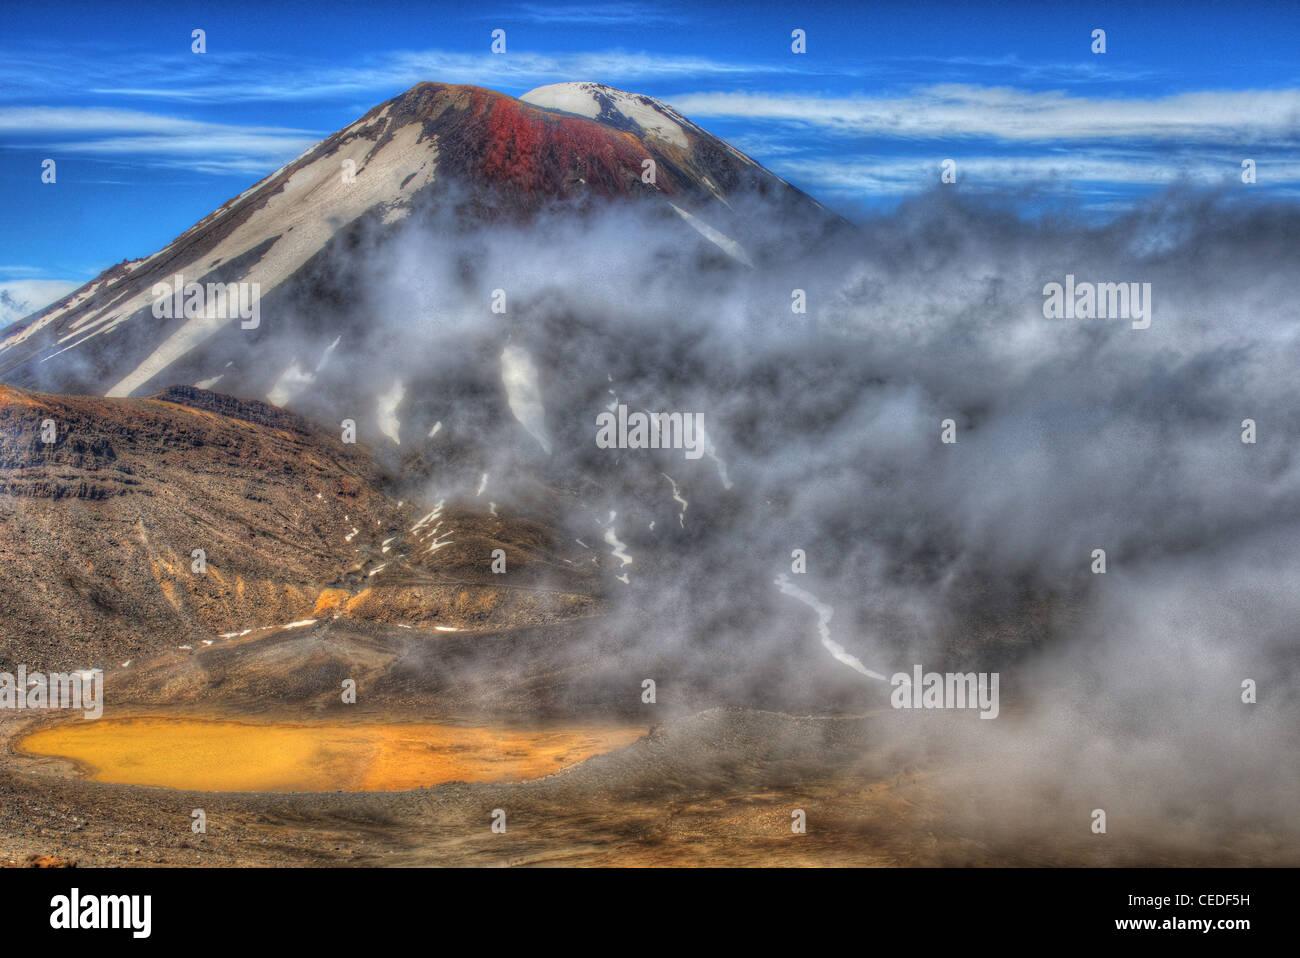 Ngauruhoe volcano in Tongariro National Park, New Zealand - Stock Image